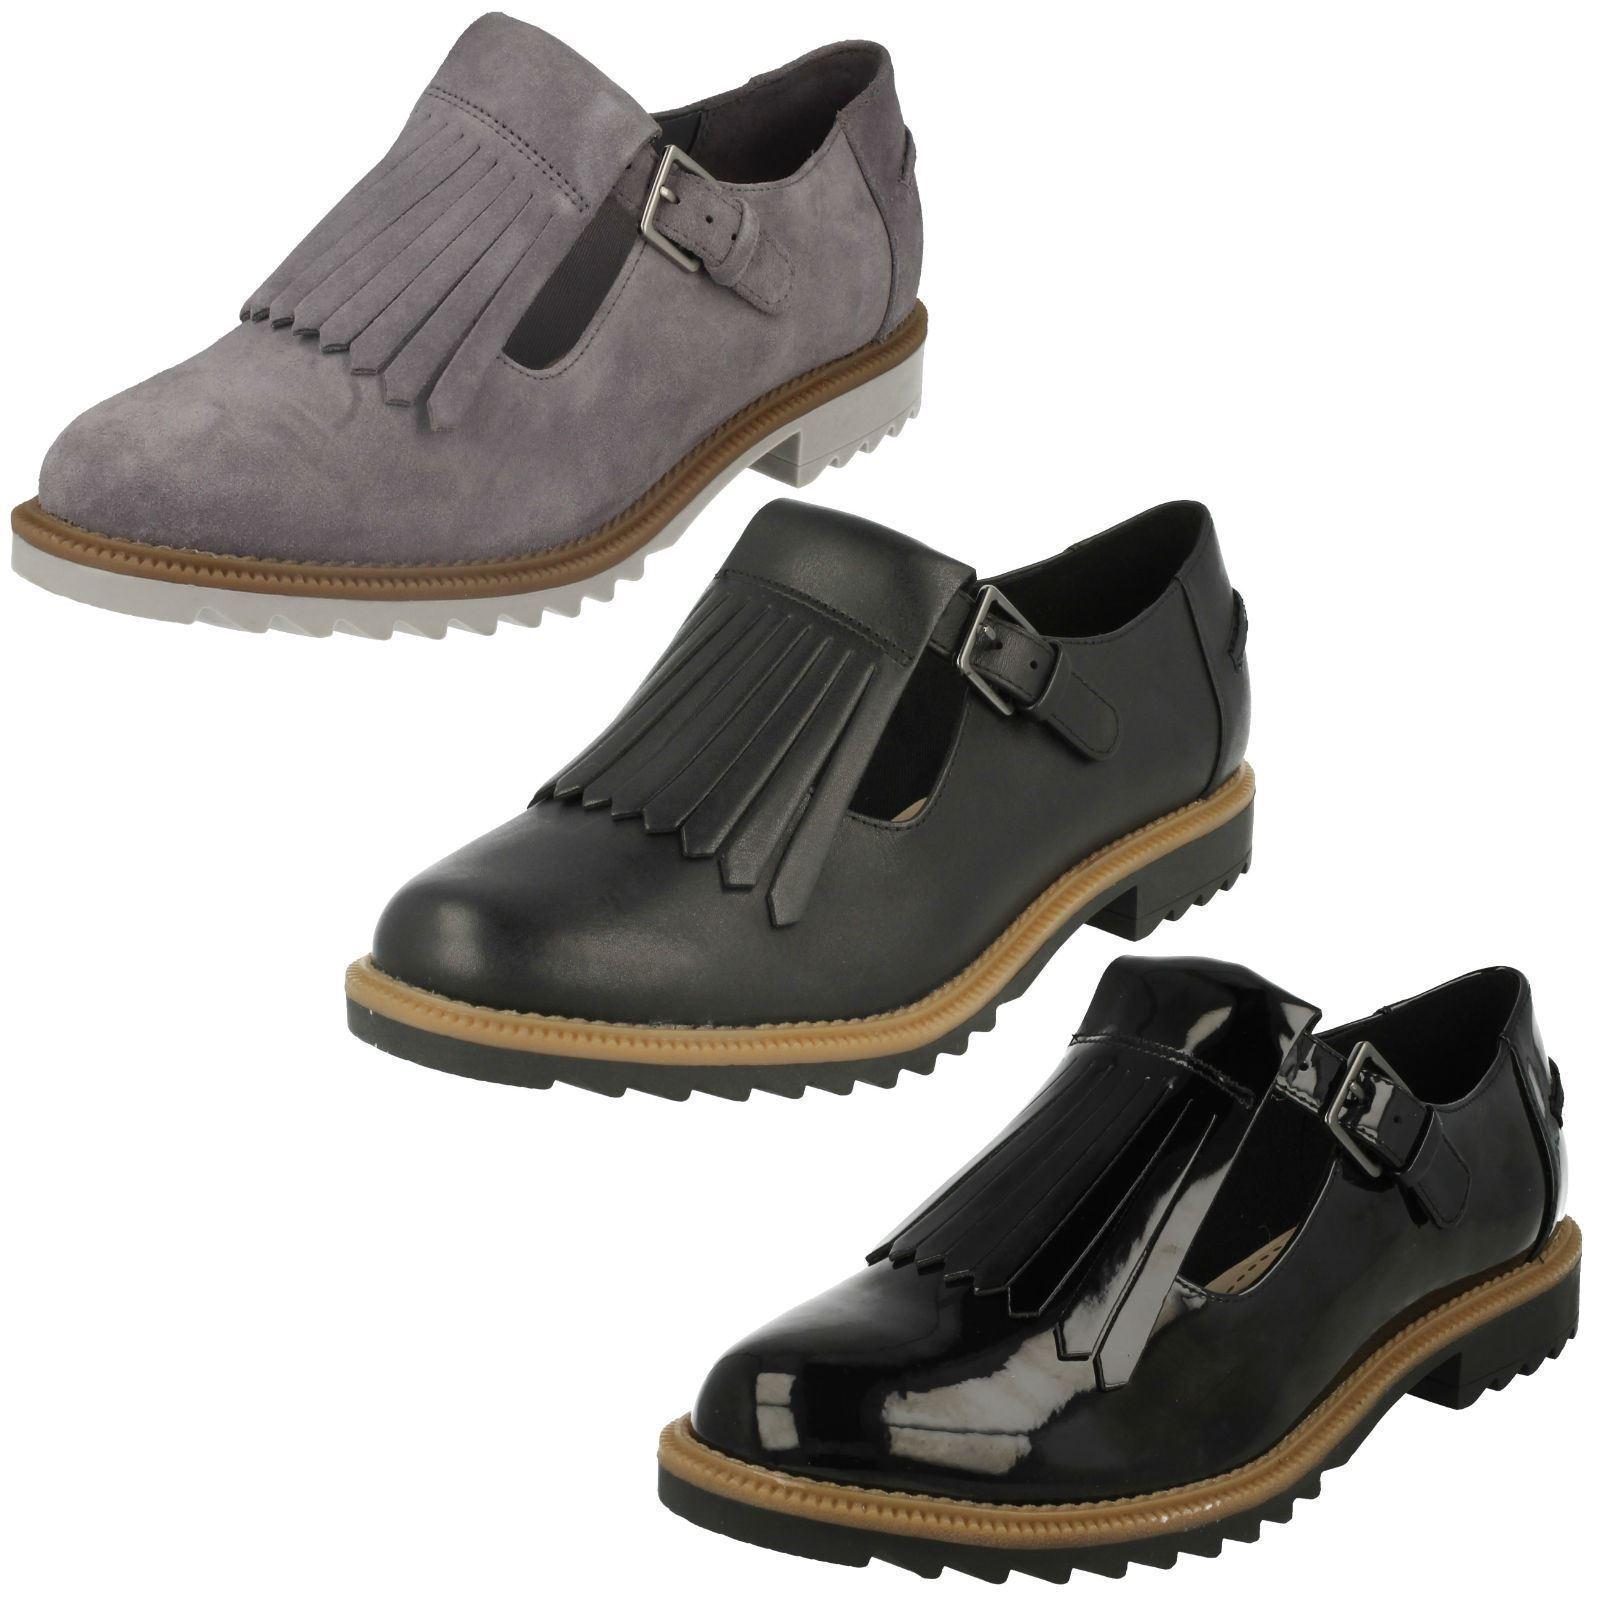 donna CLARKS scarpe in pelle nera Griffin MIA (larghezza D)